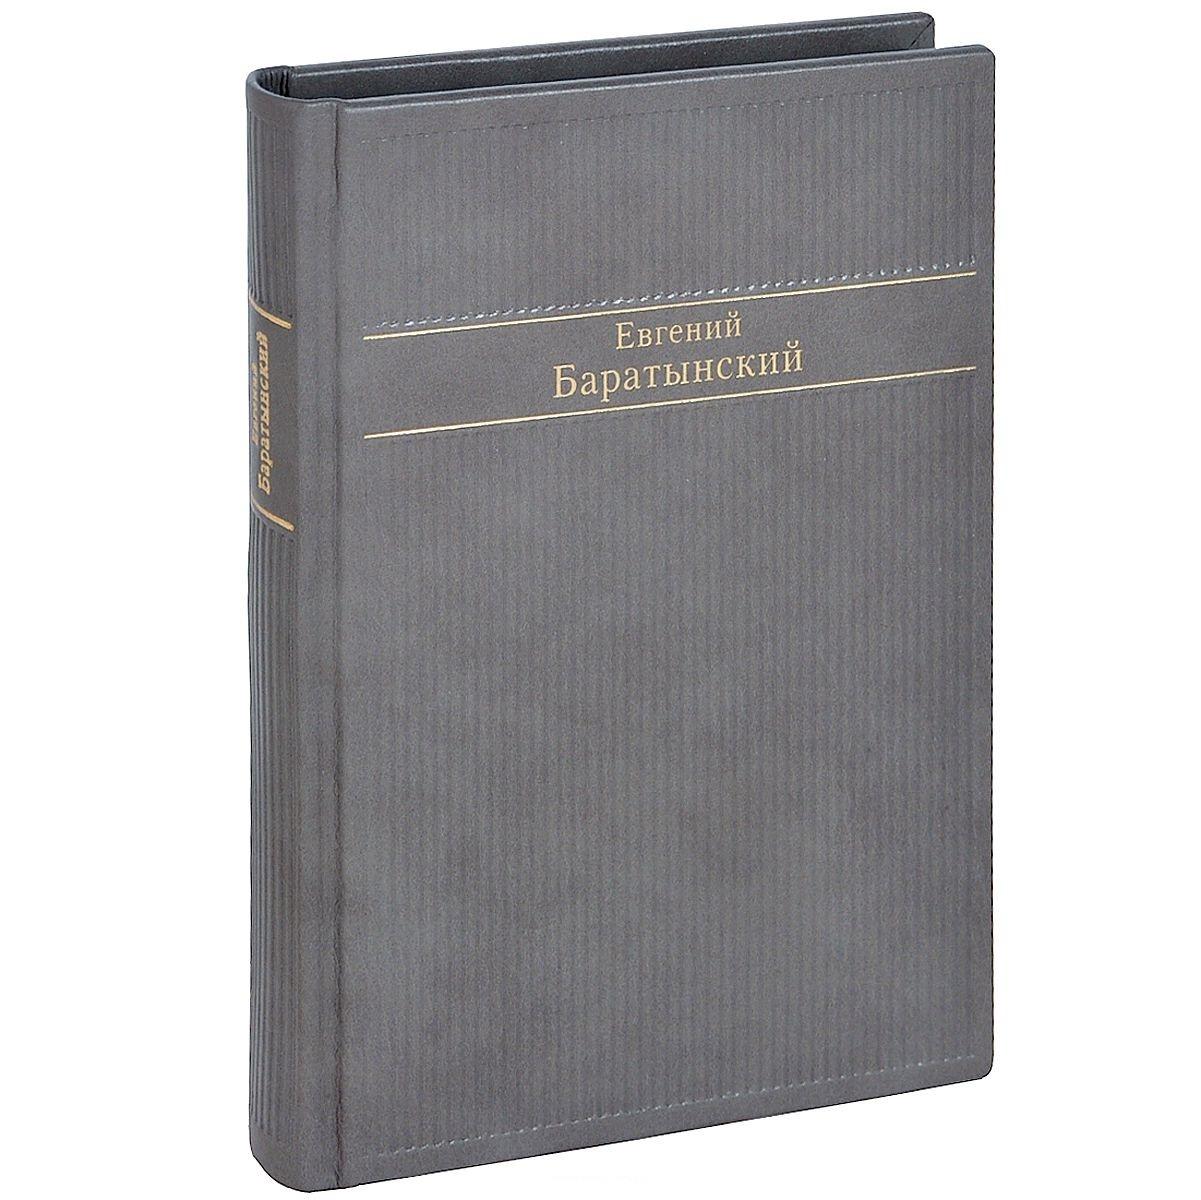 Книга Евгений Баратынский. Избранные стихотворения